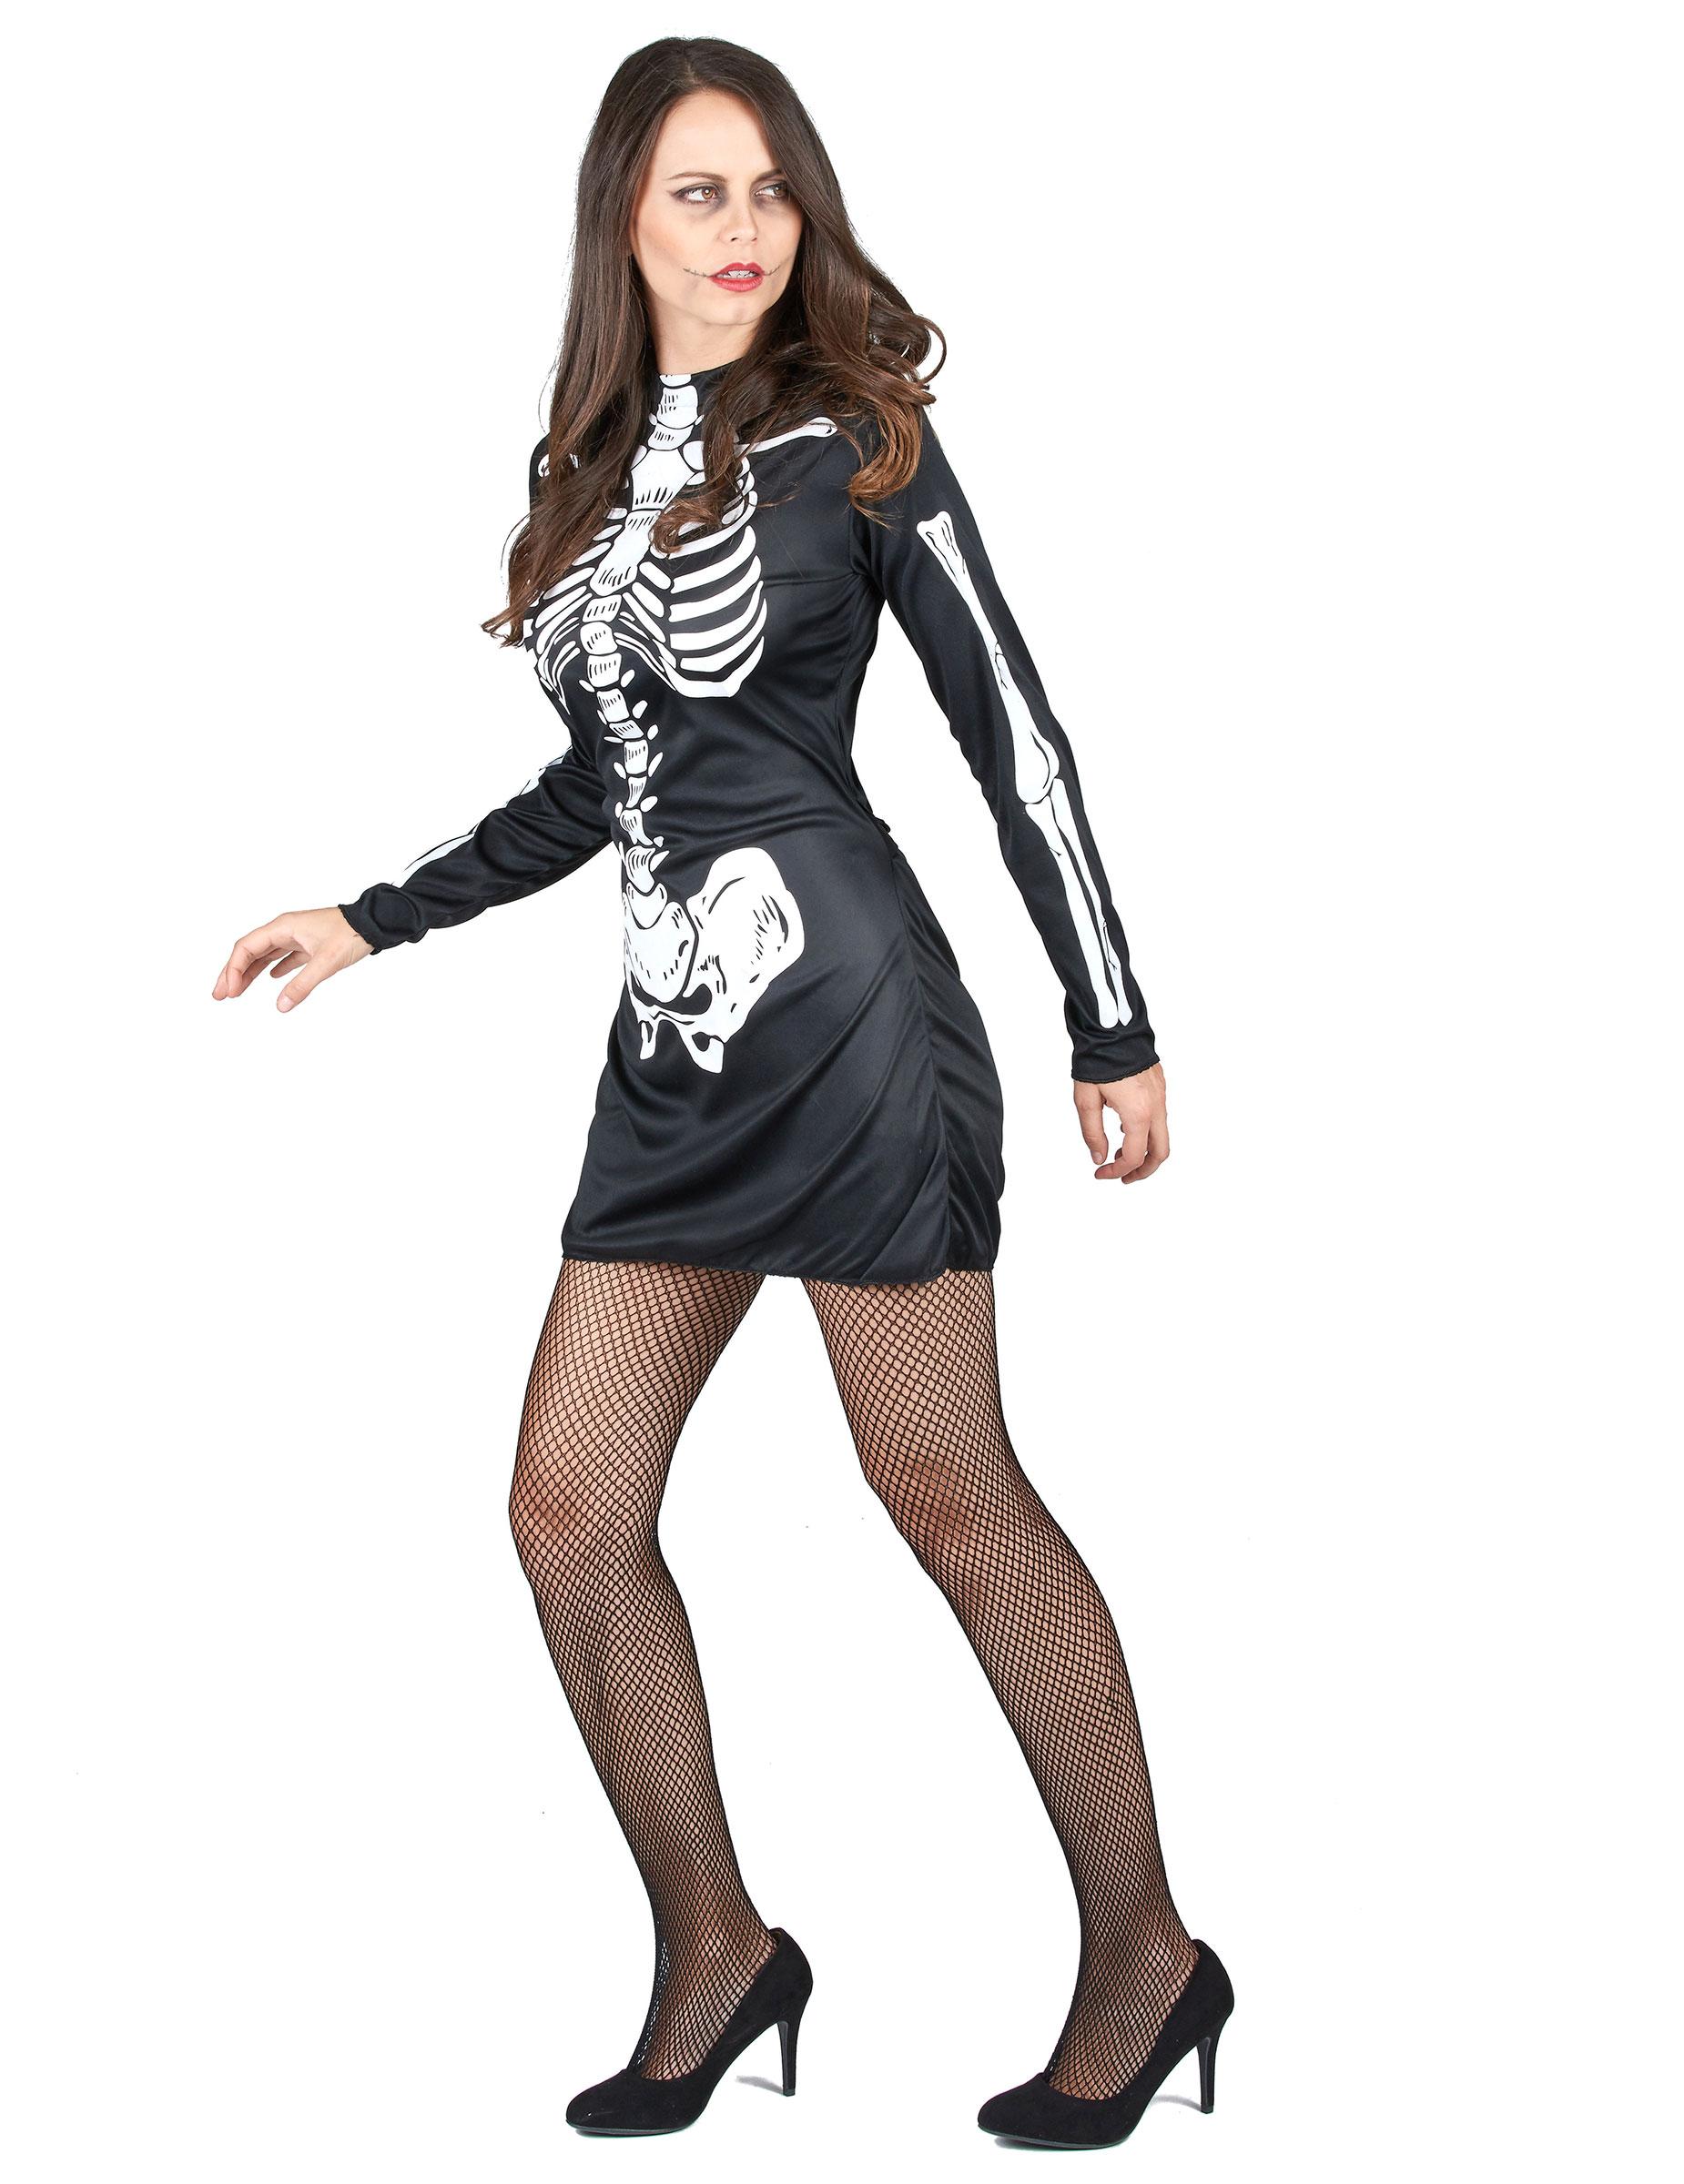 Squelette Decoration Halloween